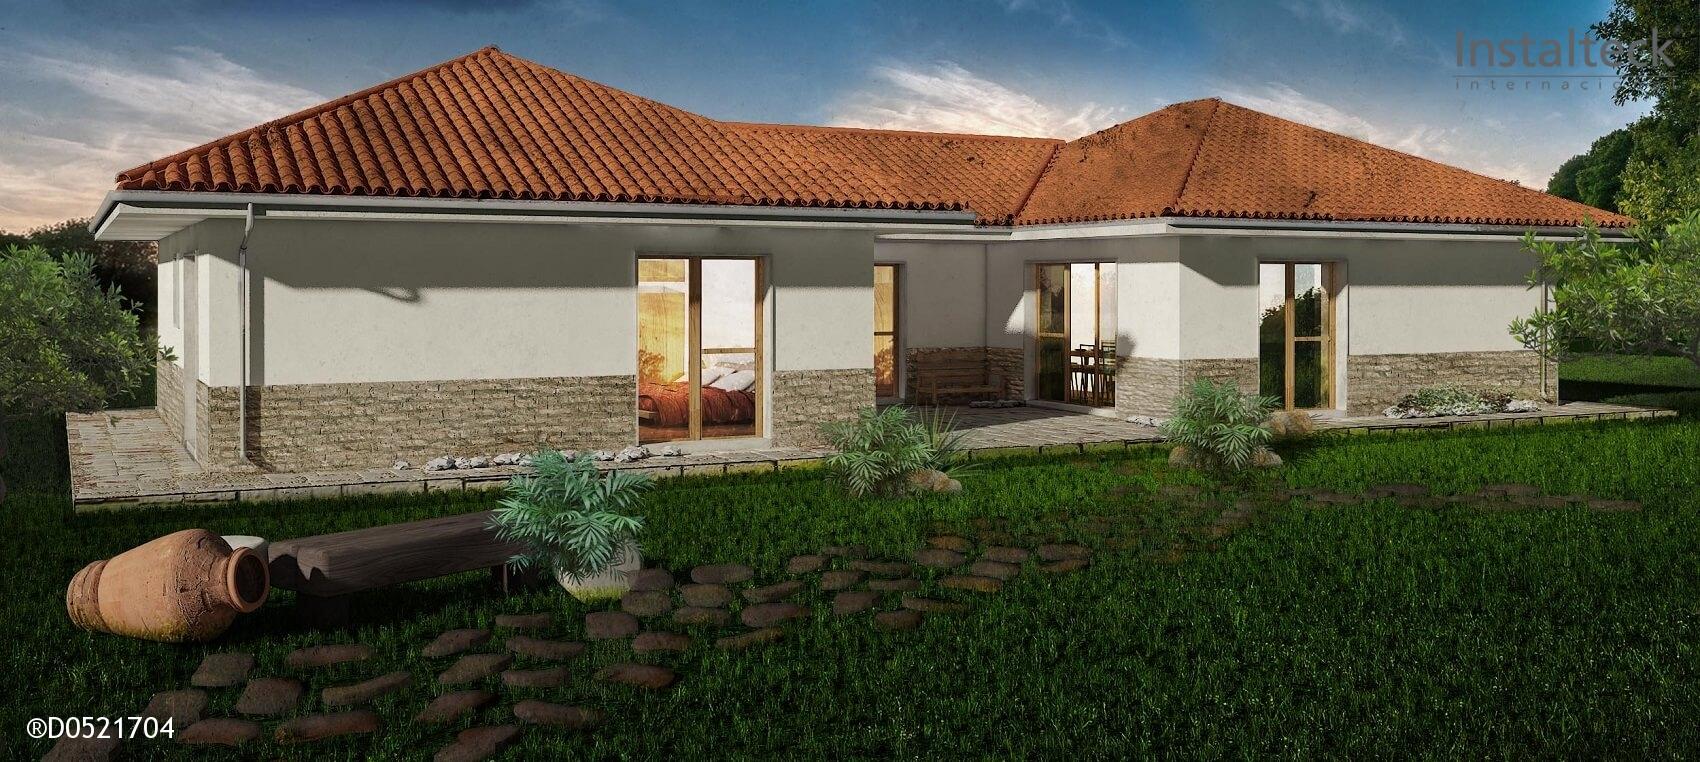 Casa prefabricada in teck 148 instalteckinstalteck - Modelo casa prefabricada ...